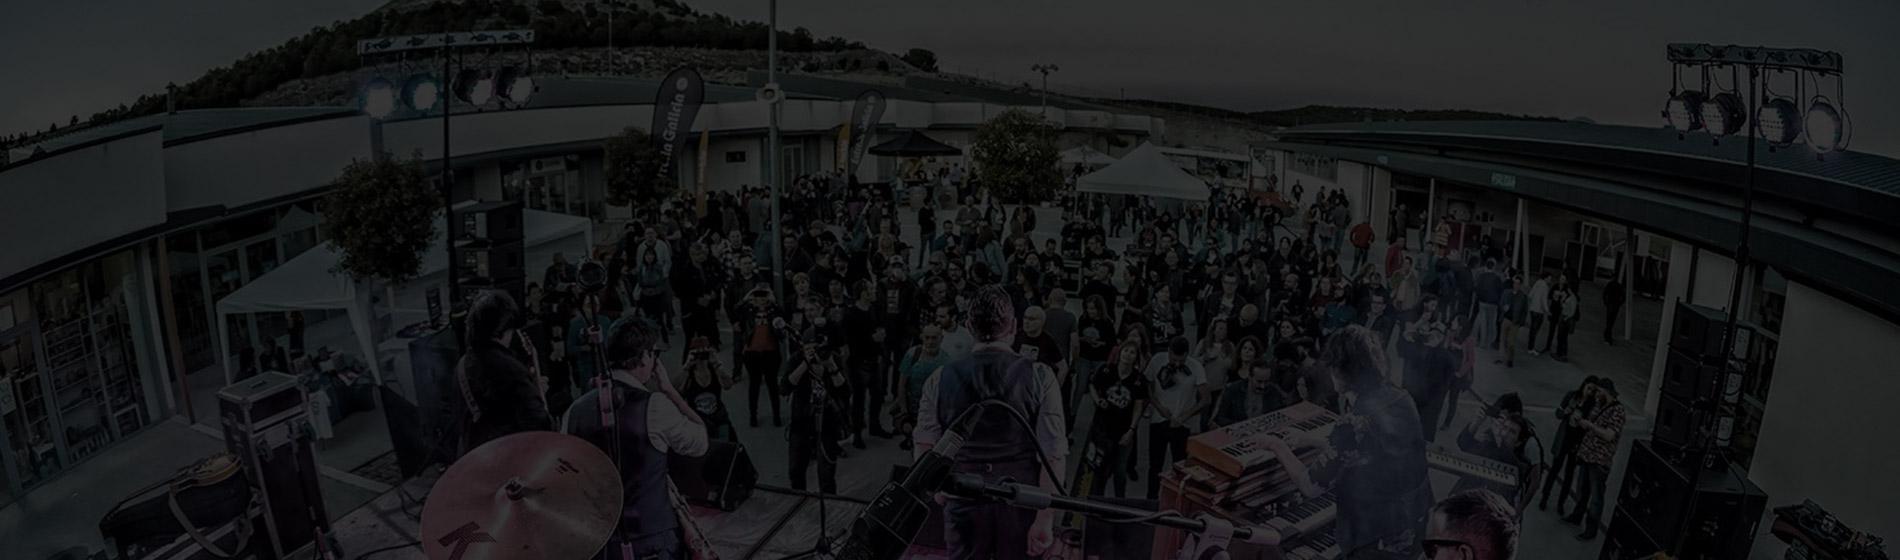 3 DE OCTUBRE EN EL PATIO DE ARMAS DEL CASTILLO DE PORTILLO